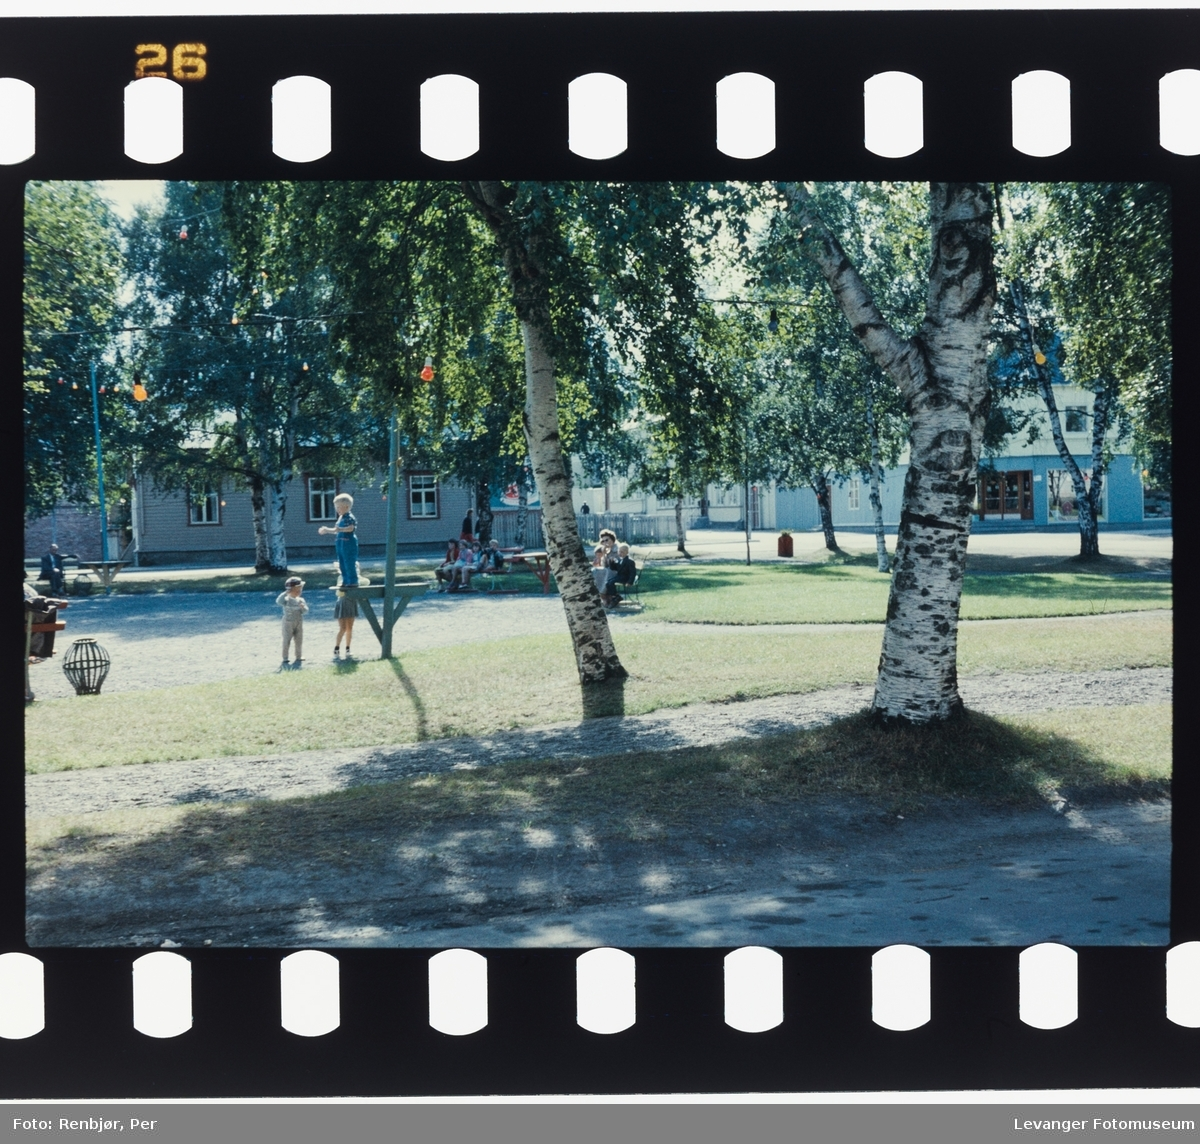 Barn leker i parken.